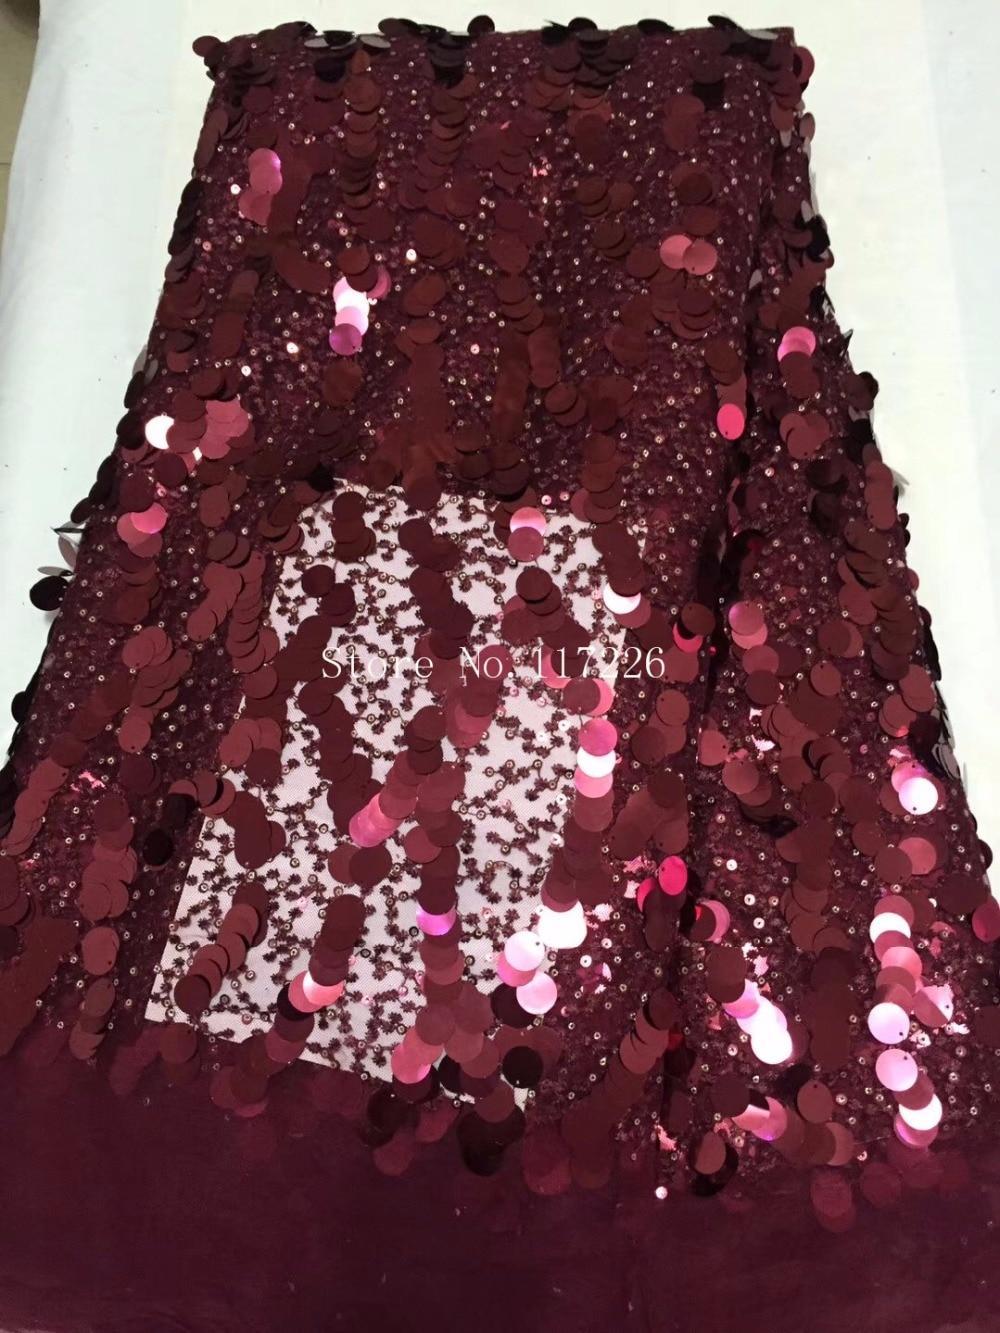 JRB-1116117 de tela de encaje de tul africano de lentejuelas de alta calidad con buen diseño para vestido de novia